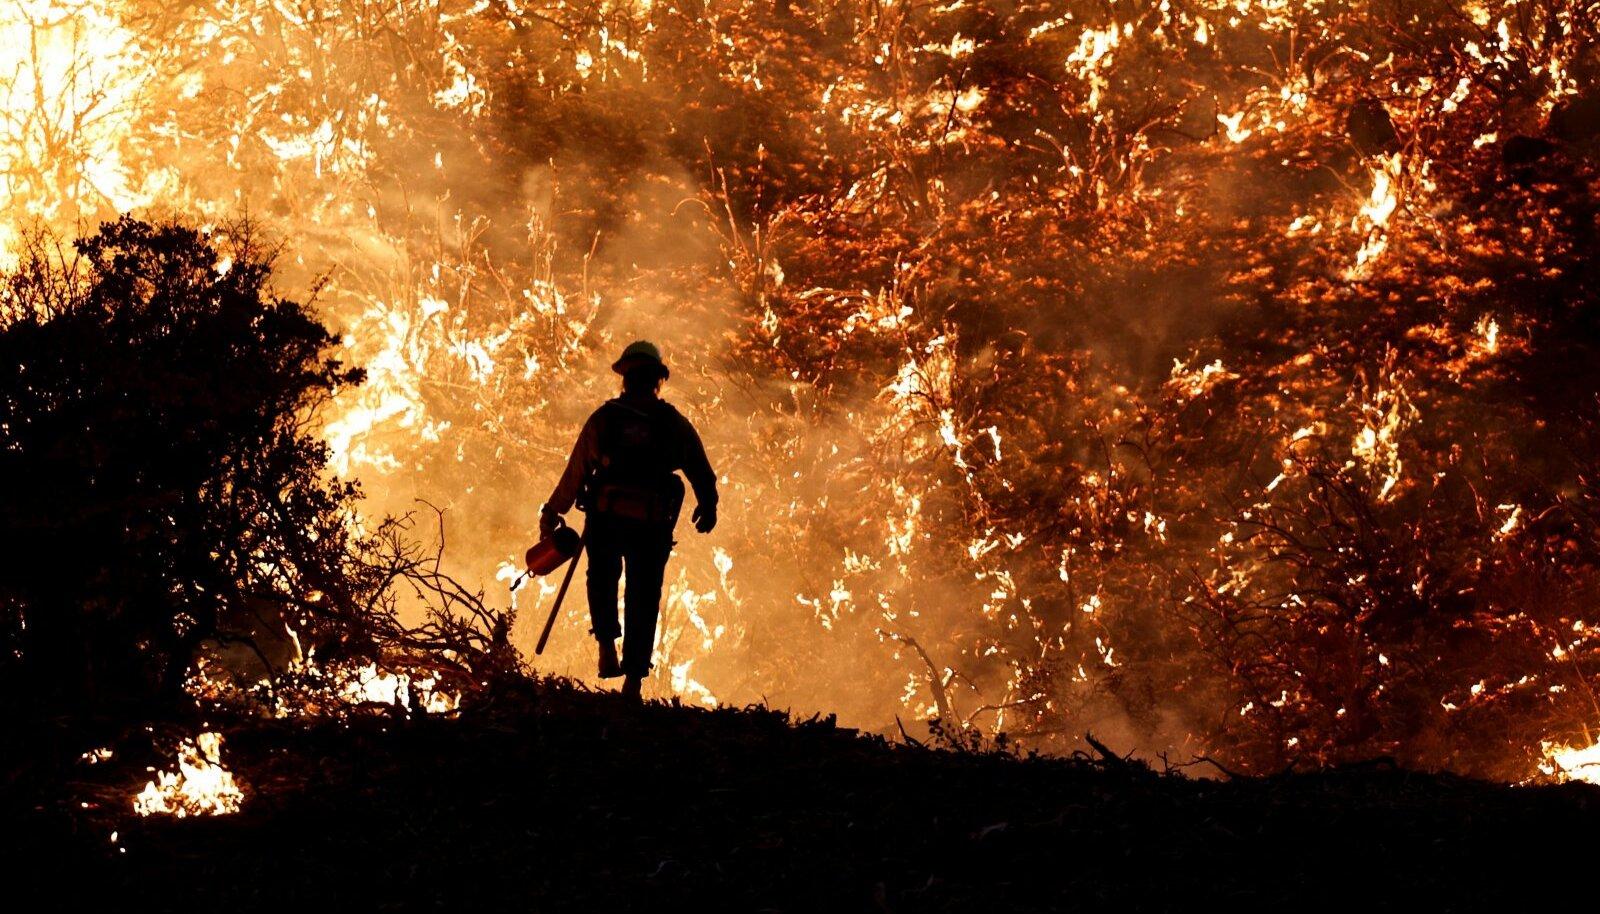 Iga suurema sektori esindaja üritab oma valdkonda kliimapoliitika hambust päästa. See aga tähendab, et tavatarbija võib jääda suure koorma alla: tema peaks kinni maksma näiteks fossiilkütustepõhise rasketranspordi